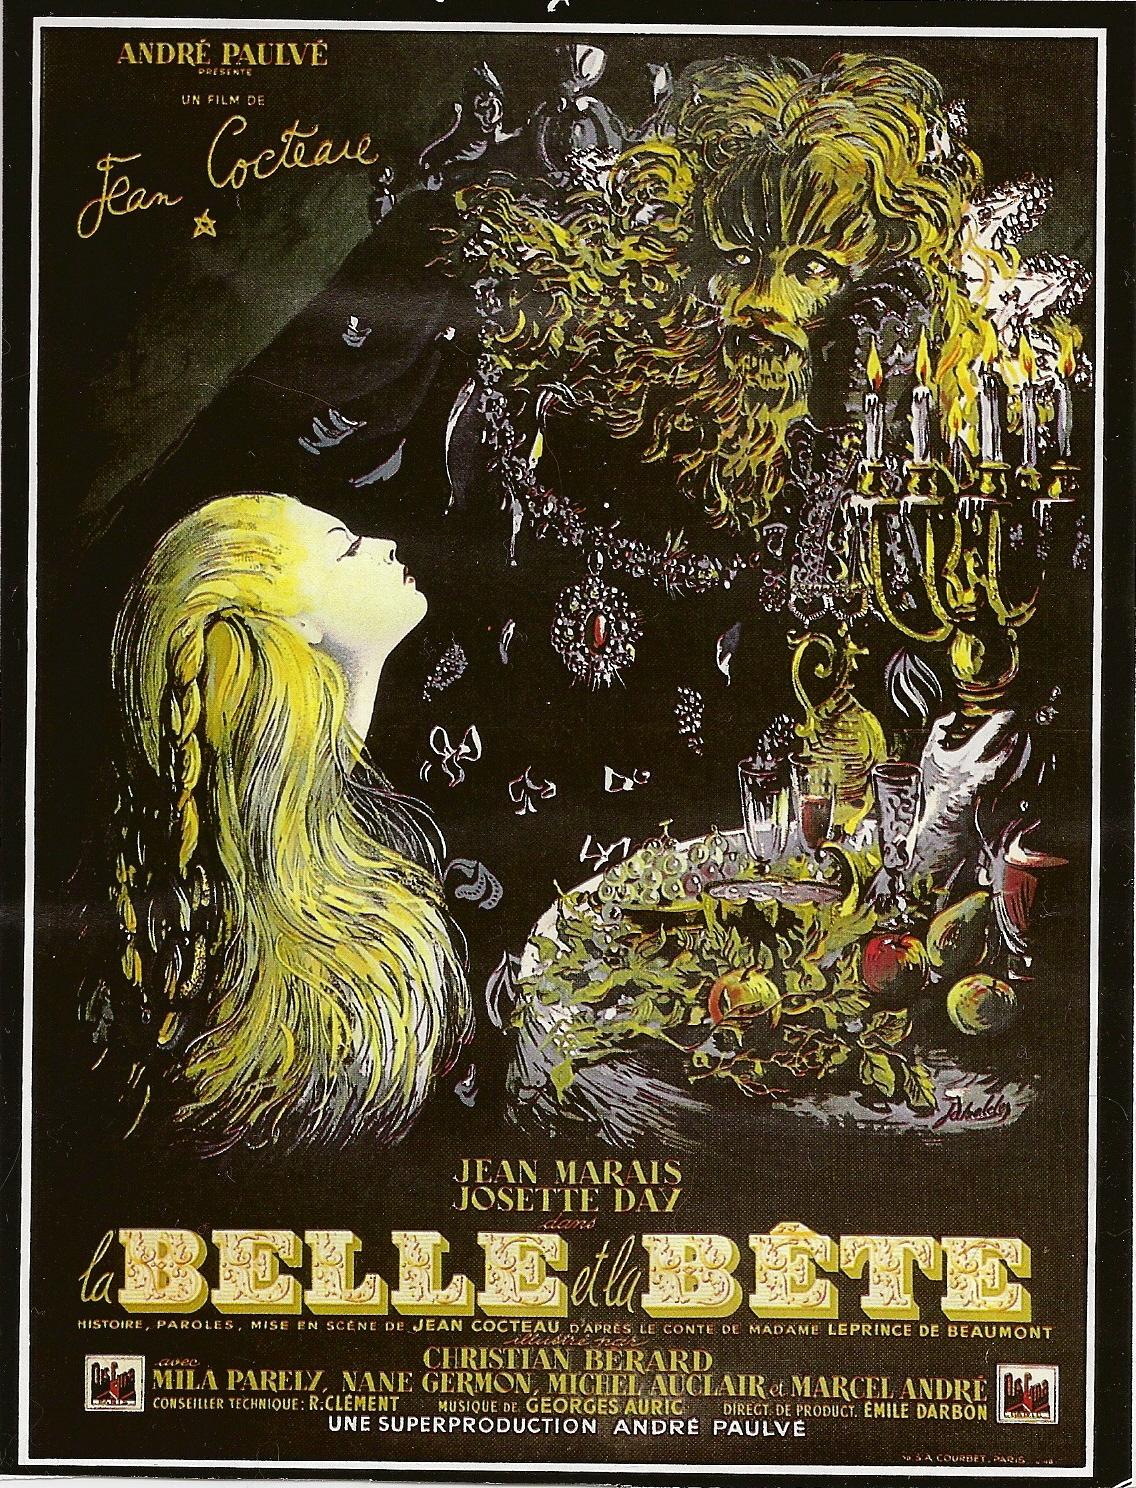 Les plus belles affiches de cinéma - Page 6 Affiche_la_belle_et_la_bete_Cocteau